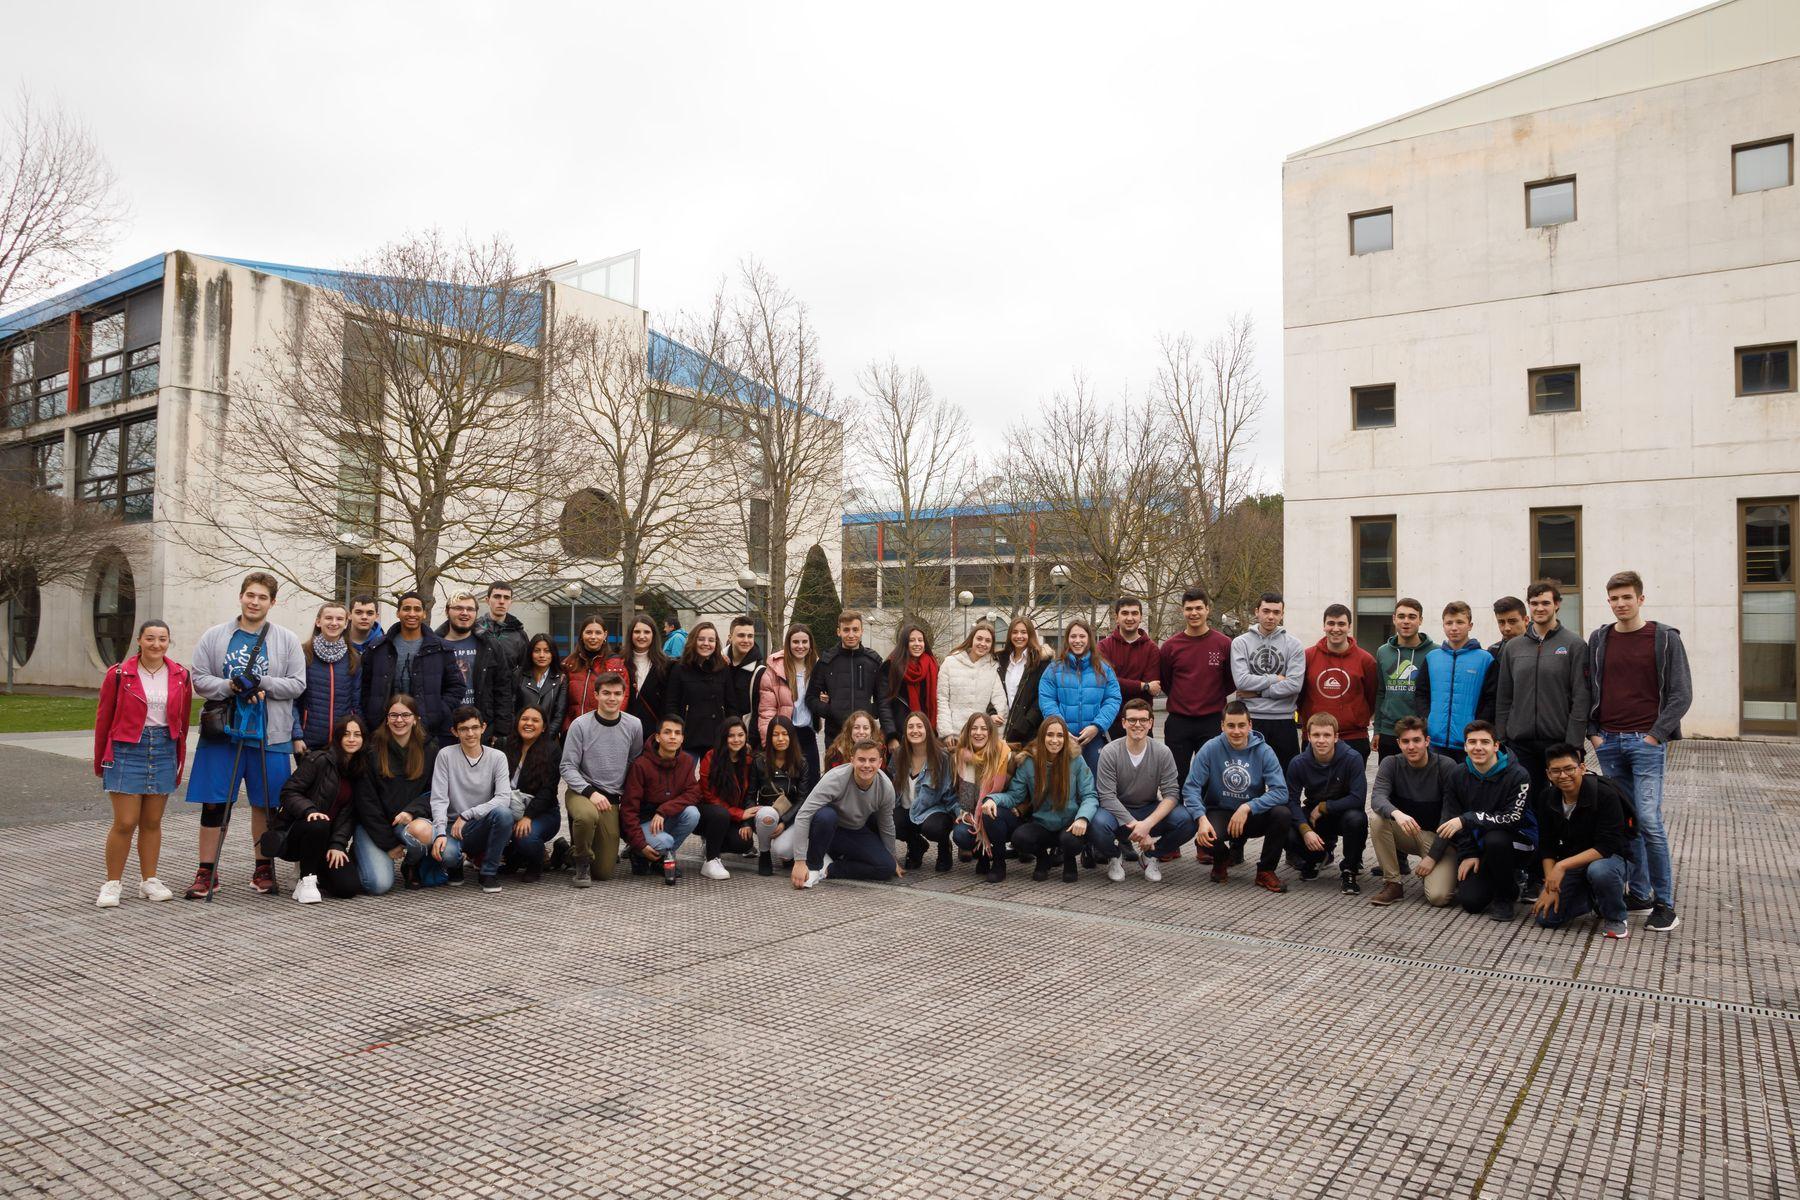 Estudiantes del Colegio El Puy de Estella posan en el campus de Arrosadia de la UPNA.